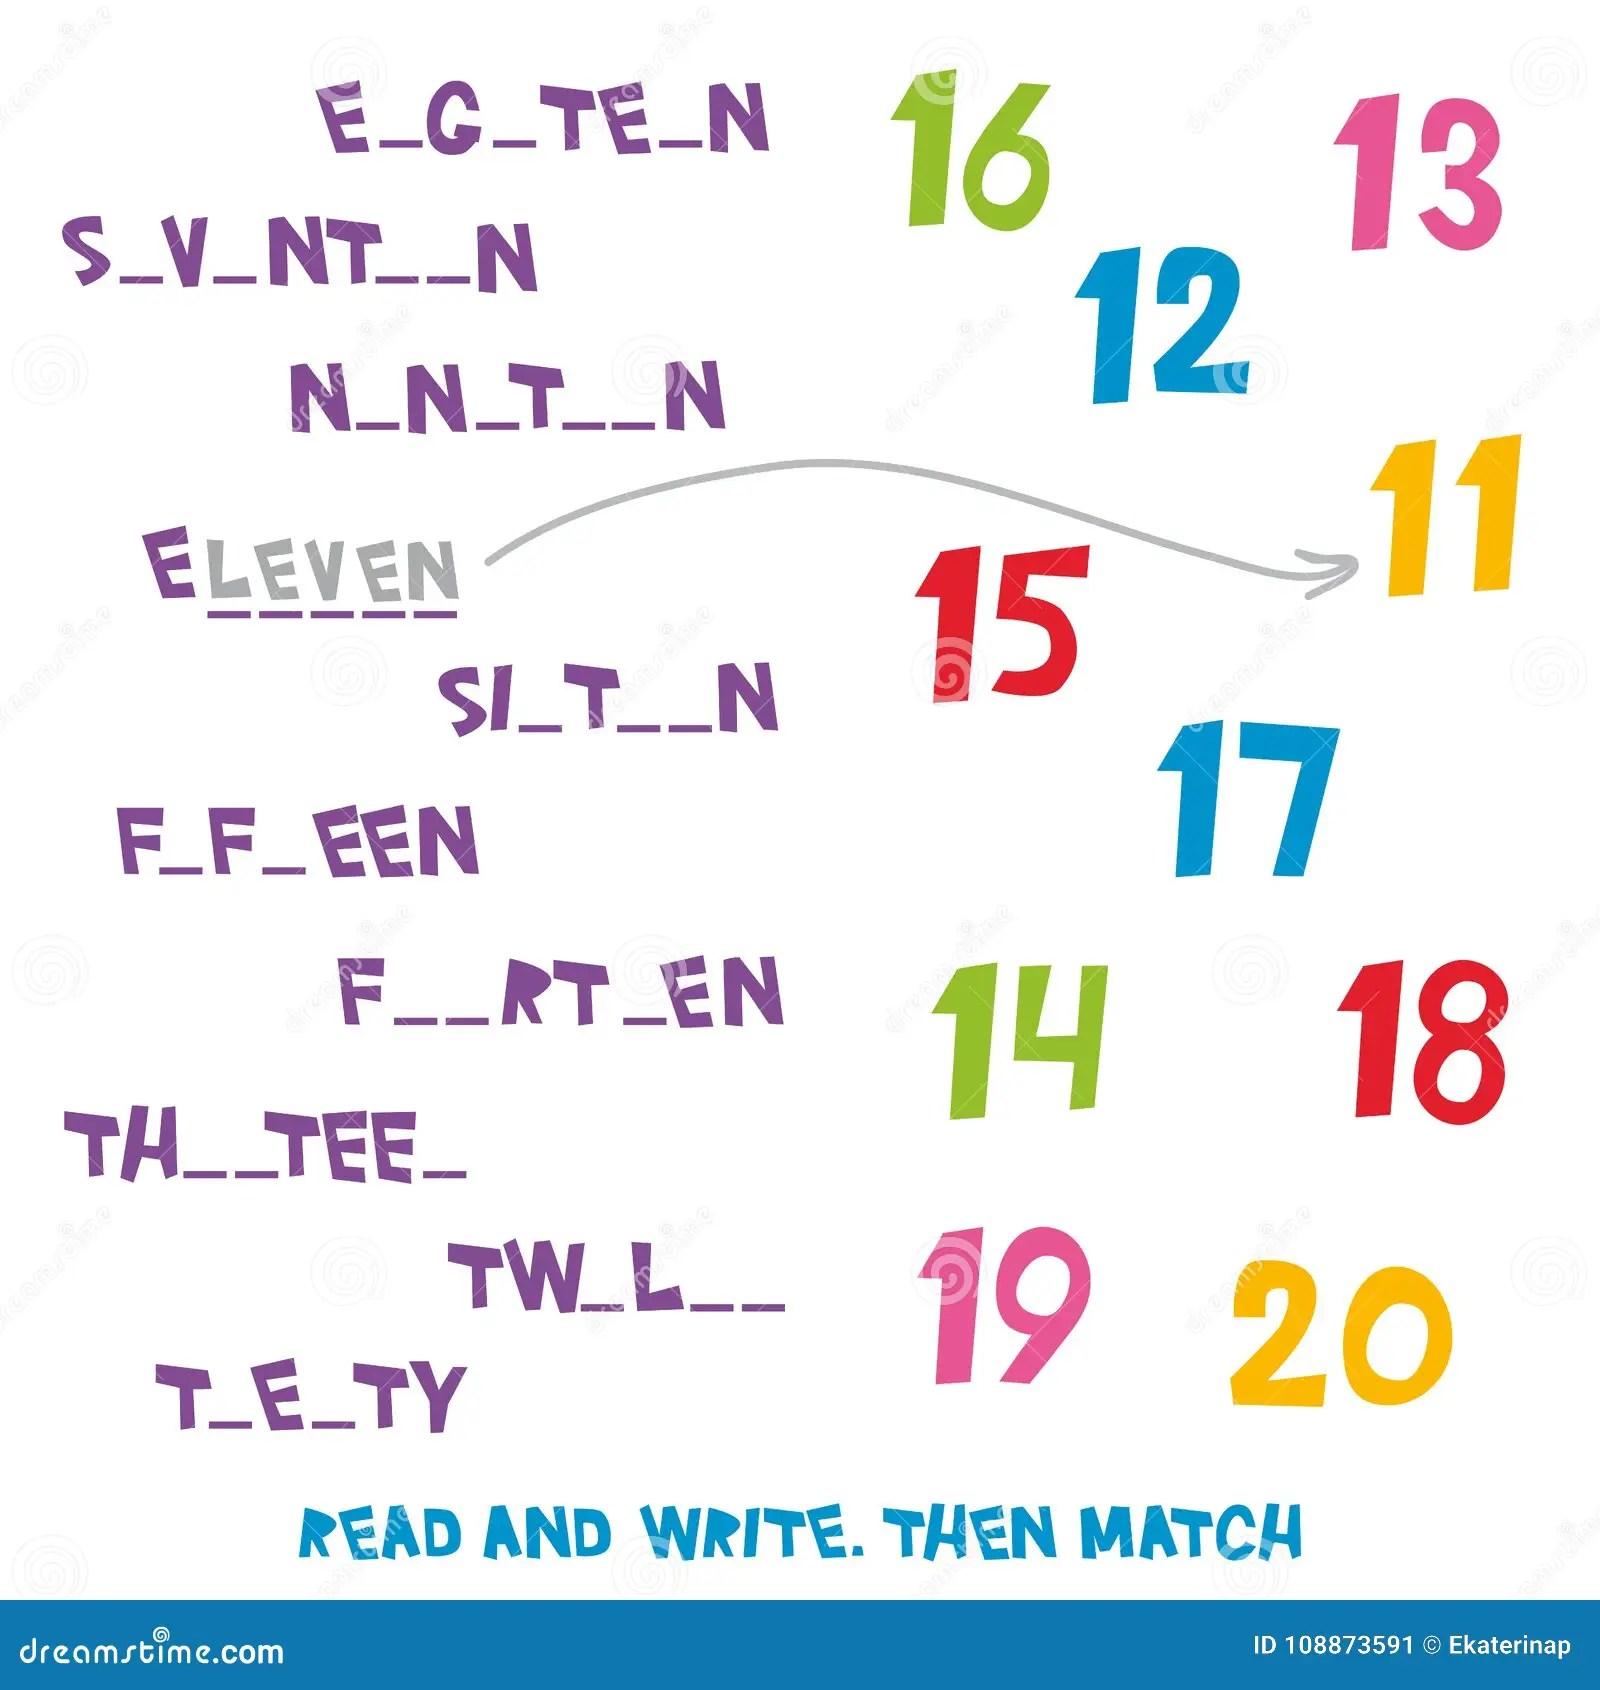 Affichez Et Ecrivez Assortissez Alors Les Numeros 11 20 Les Enfants Exprime Apprendre Le Jeu